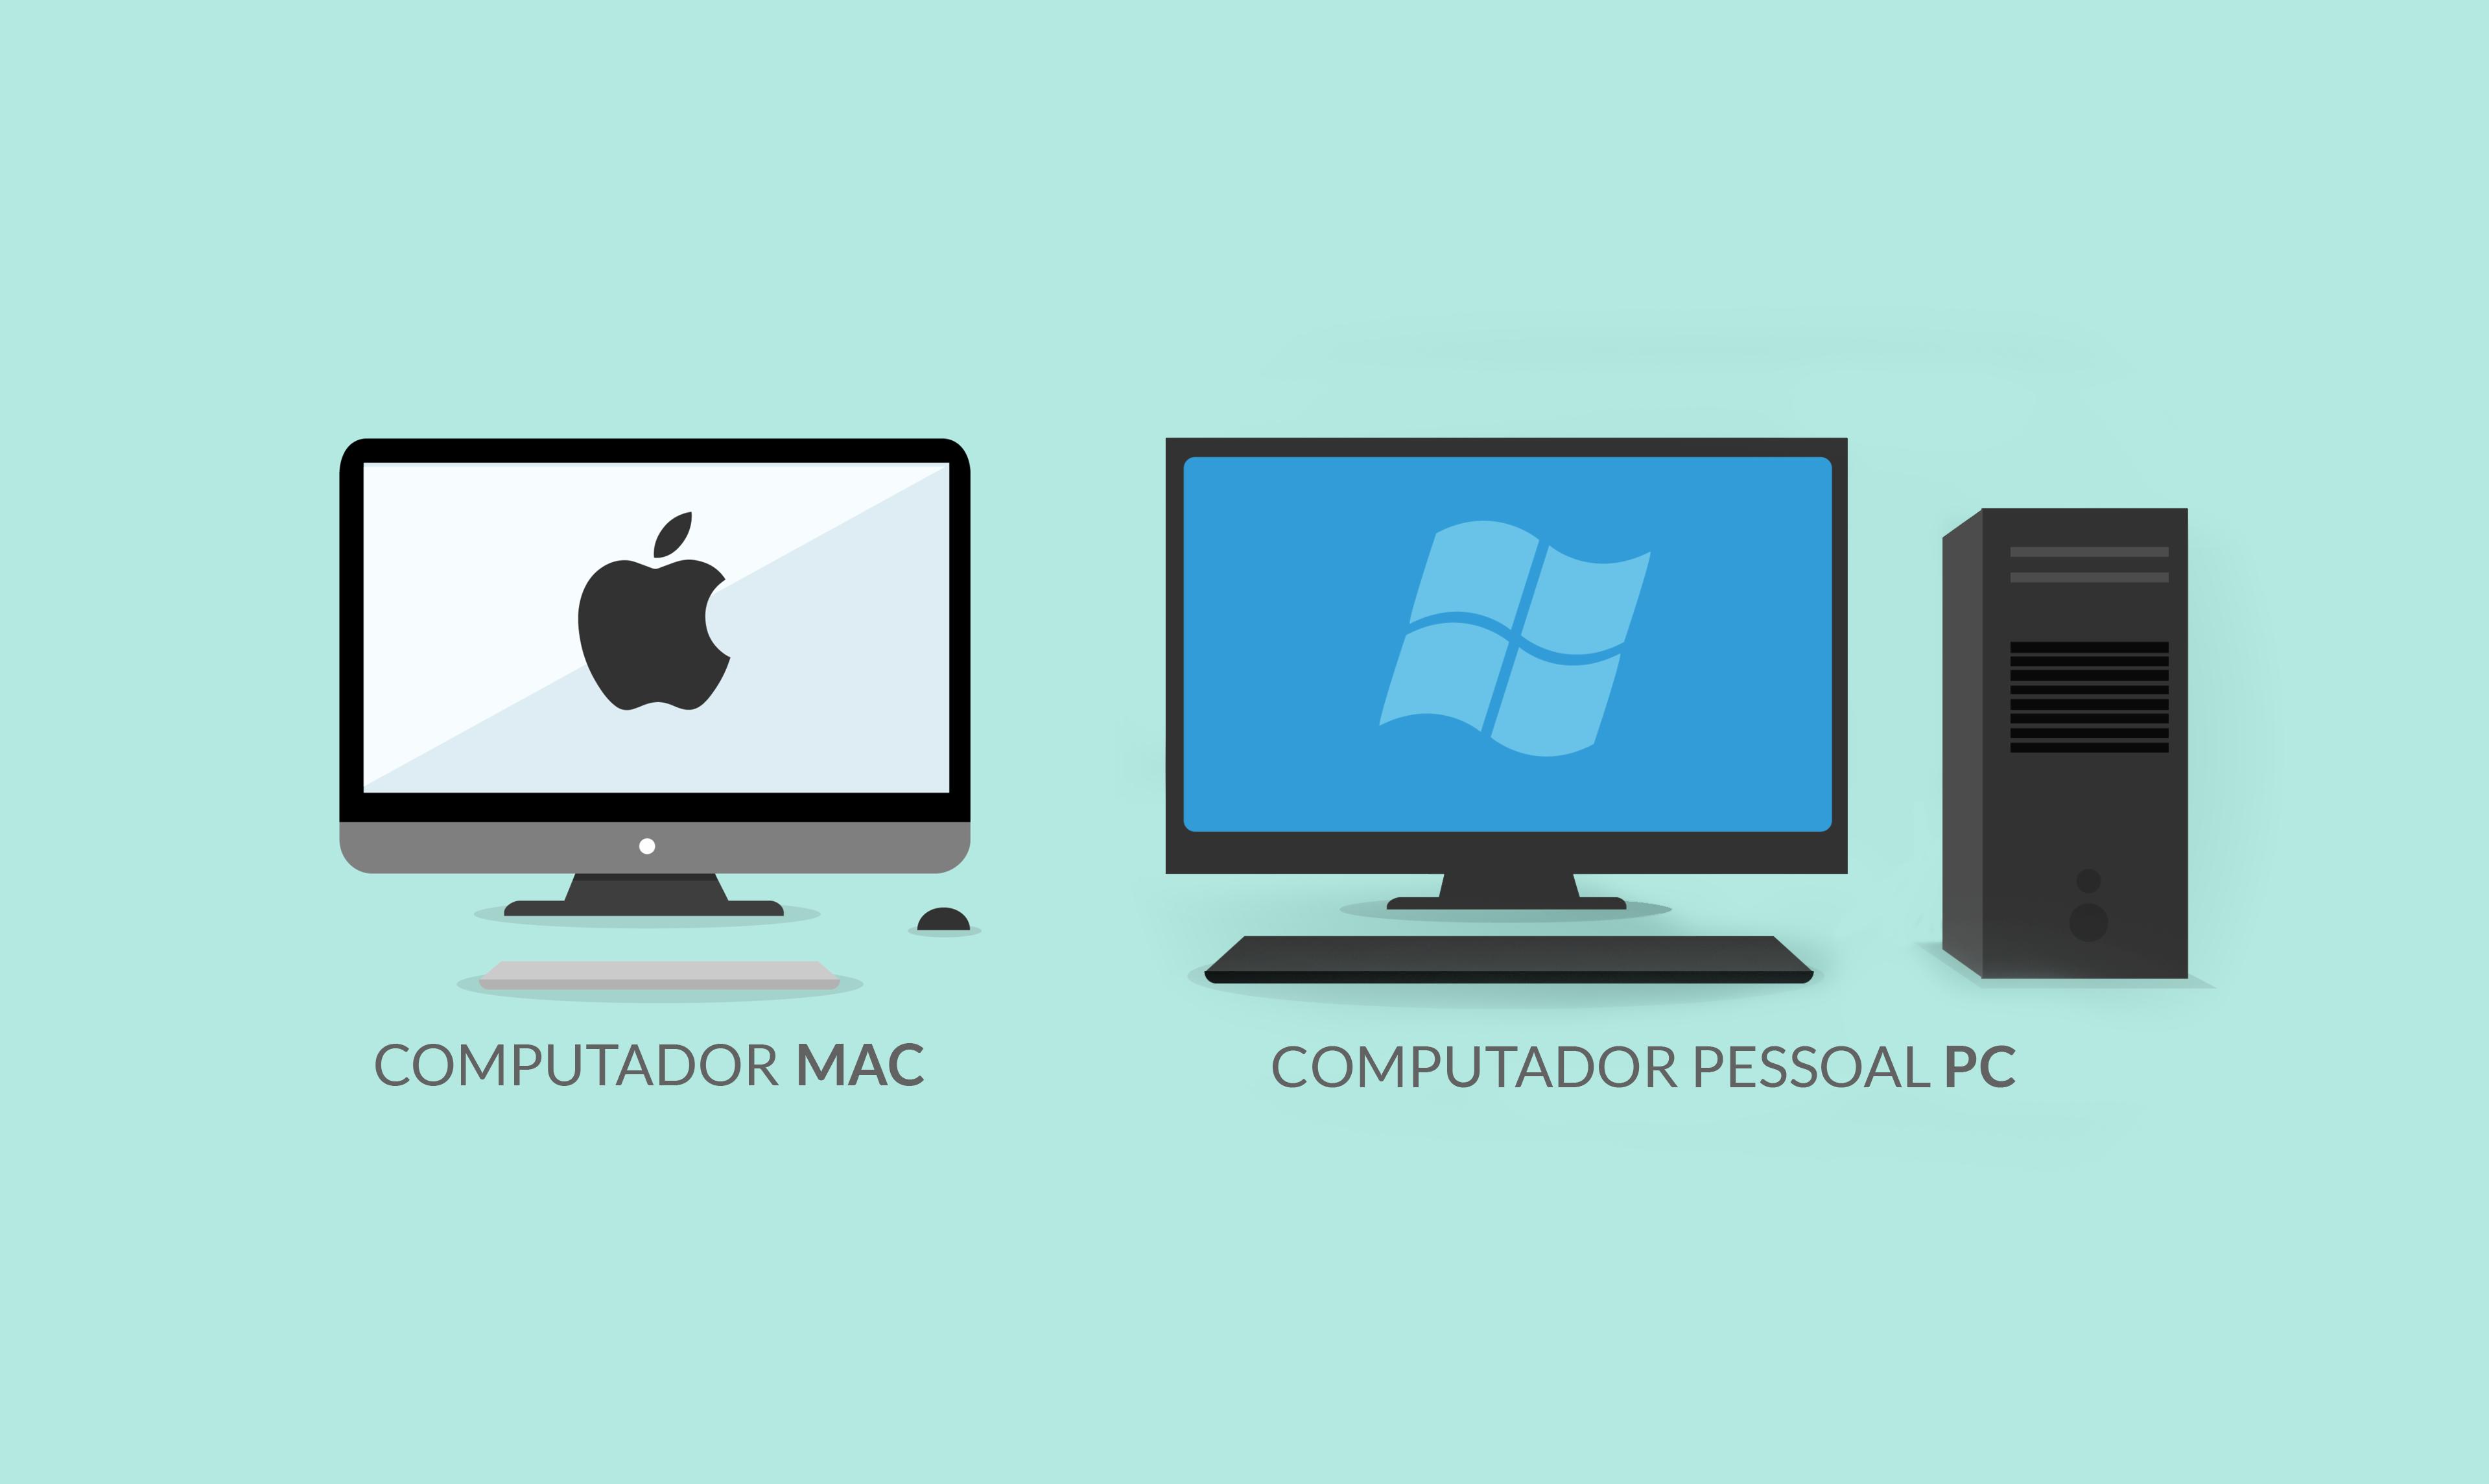 Diferenças entre um PC e um MAC